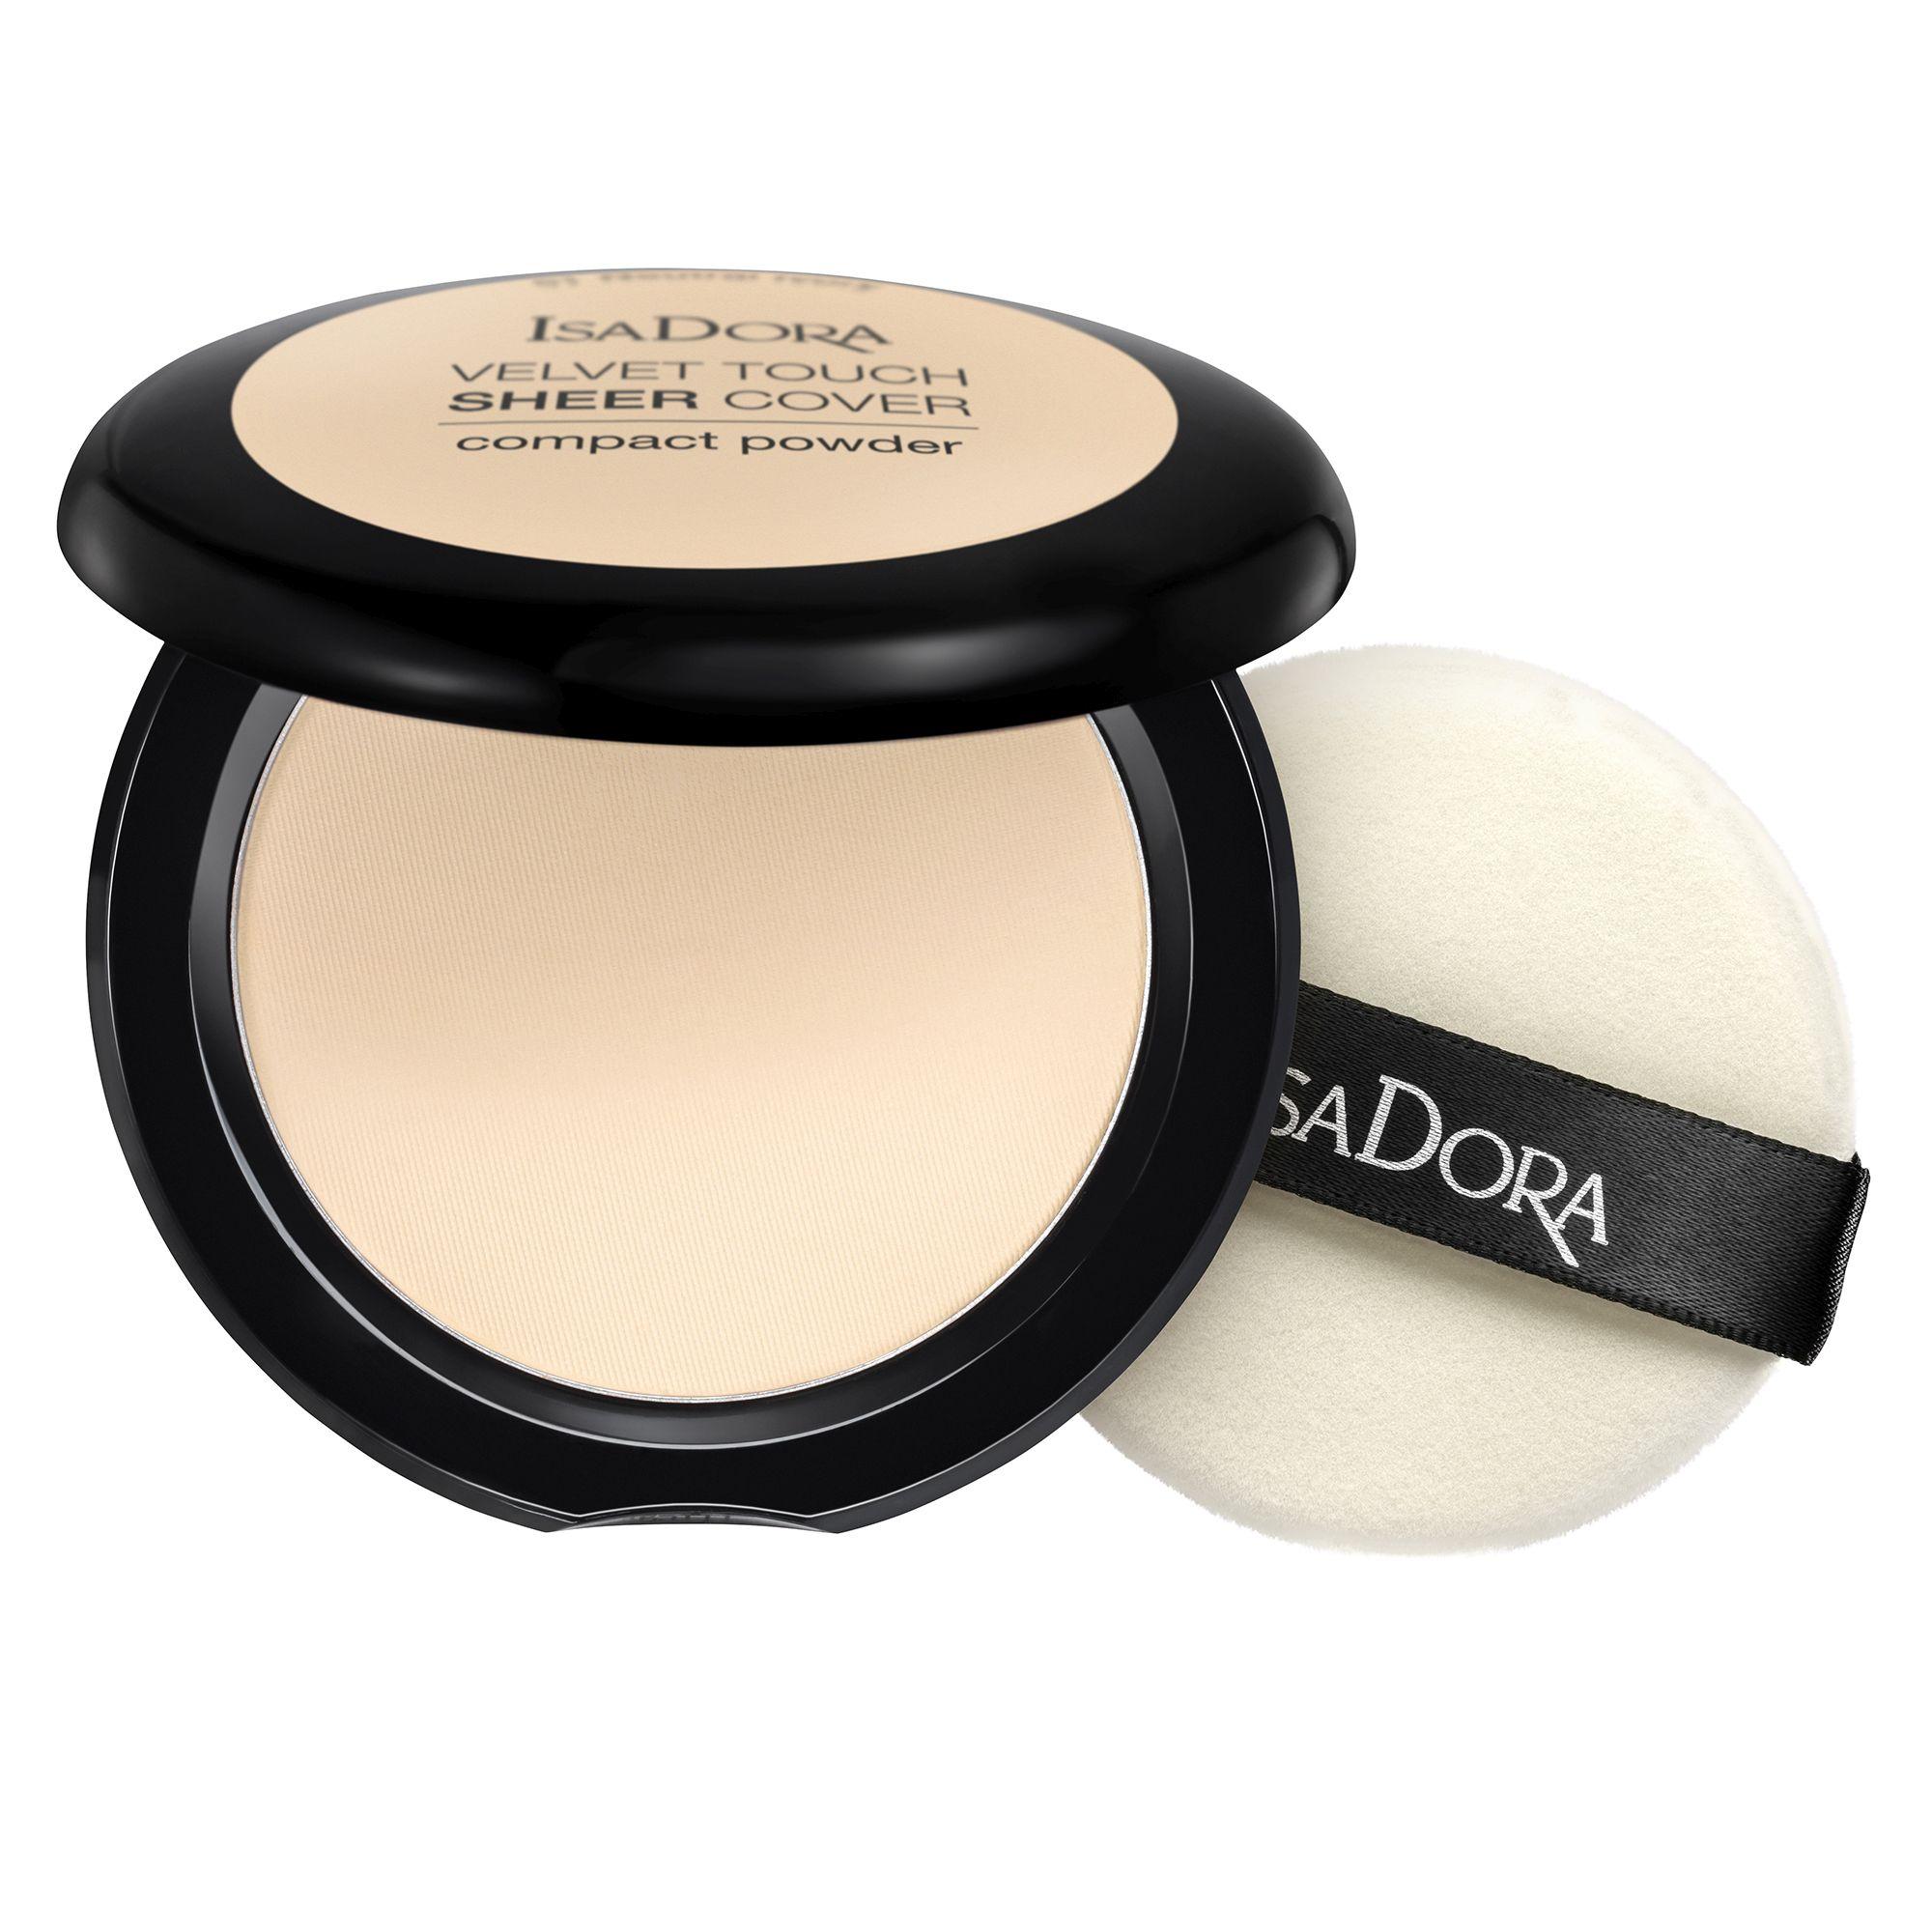 IsaDora Skin beauty, alapozó, makeup, powder, tinted cream, színezett krém, smink, púder, rúzs és más, isadora, újdonság, skin tint perfecting creme, velvet touch